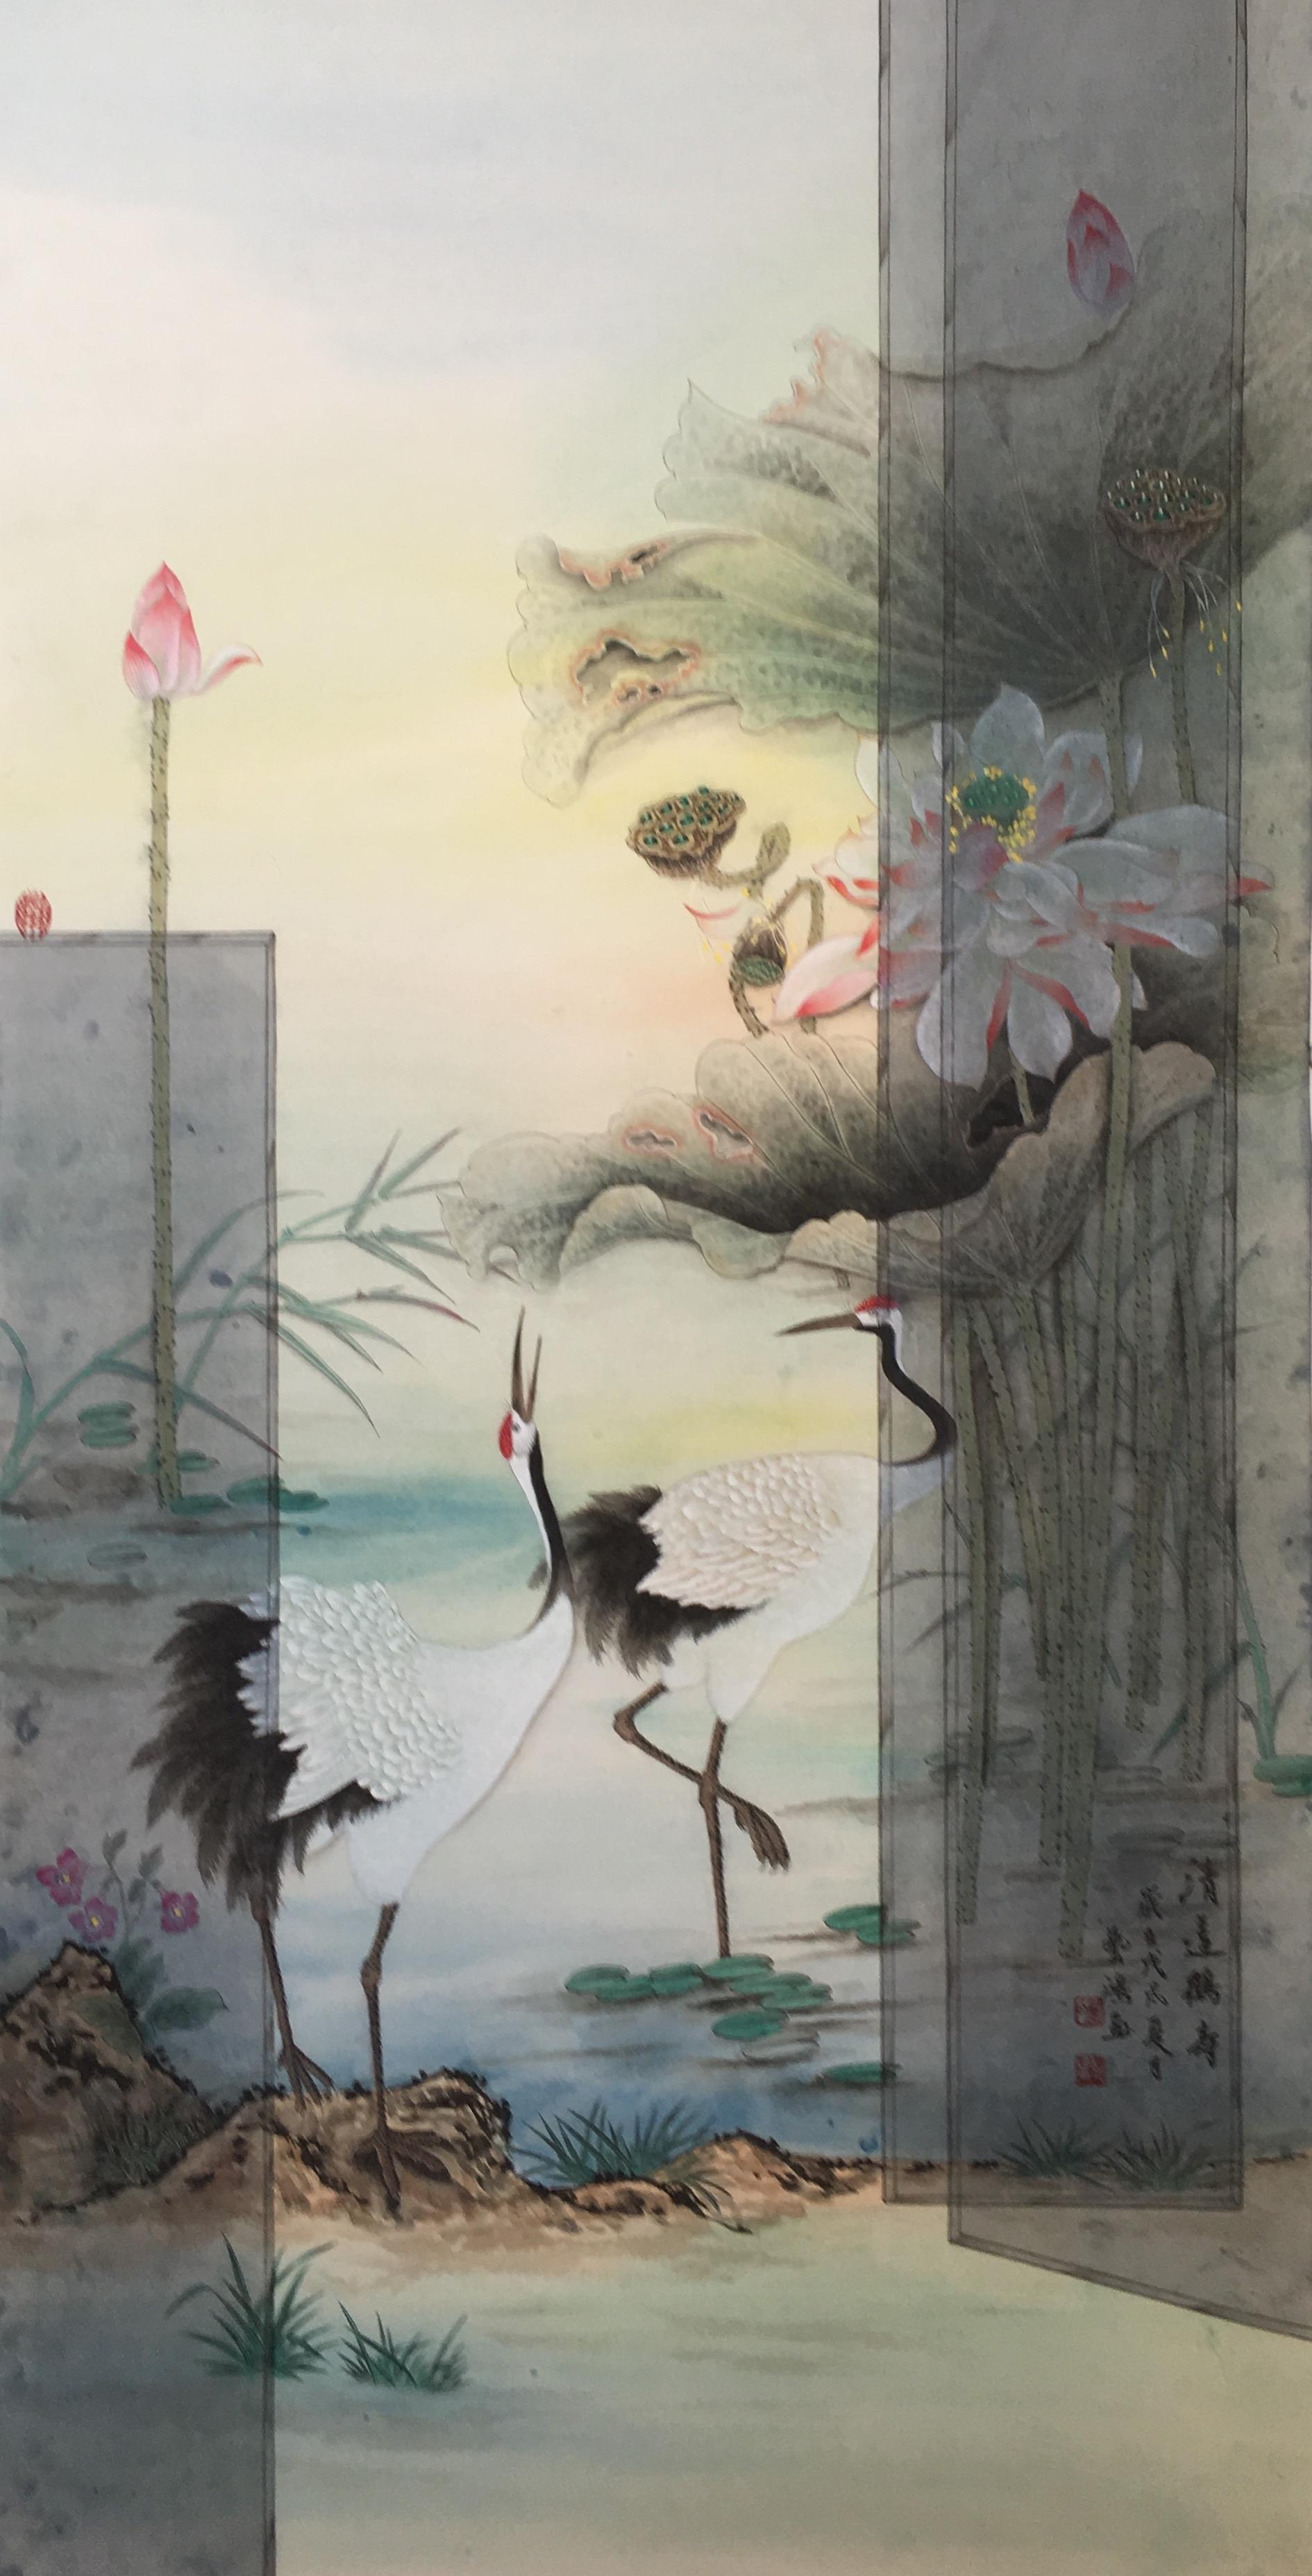 户广生 荣获国际美术大奖赛《金奖》